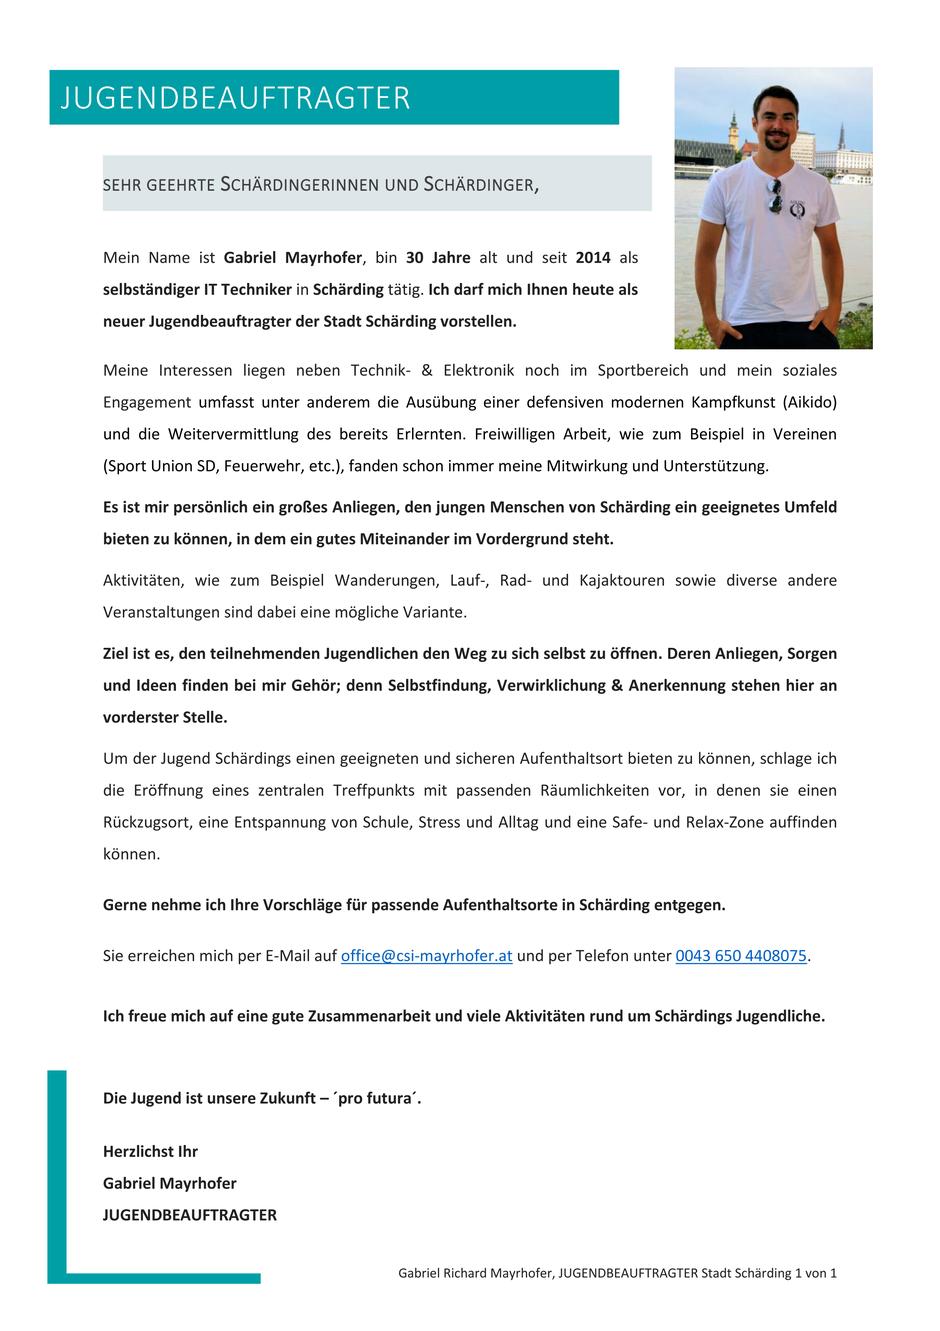 SEHR GEEHRTE SCHÄRDINGERINNEN UND SCHÄRDINGER, Mein Name ist Gabriel Mayrhofer, bin 30 Jahre alt und seit 2014 als selbständiger IT Techniker in Schärding tätig. Ich darf mich Ihnen heute als neuer Jugendbeauftragter der Stadt Schärding vorstellen.